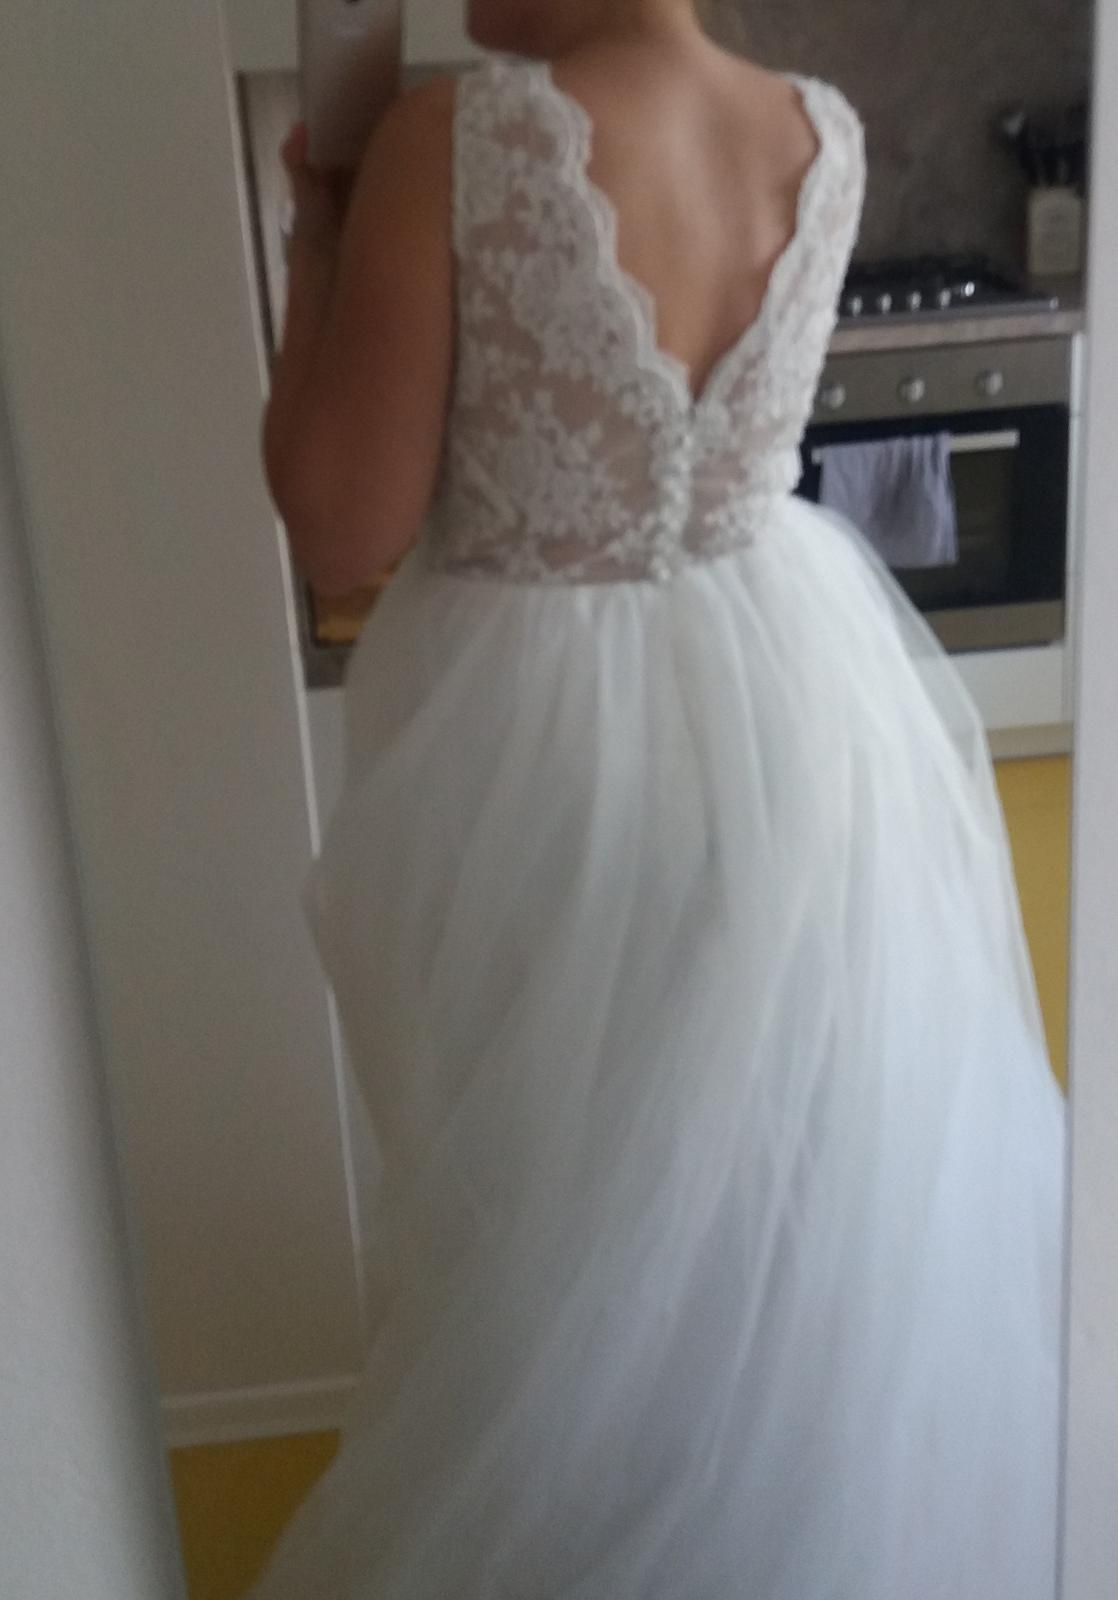 prodej svatebních šatů - nepoužité - Obrázek č. 3